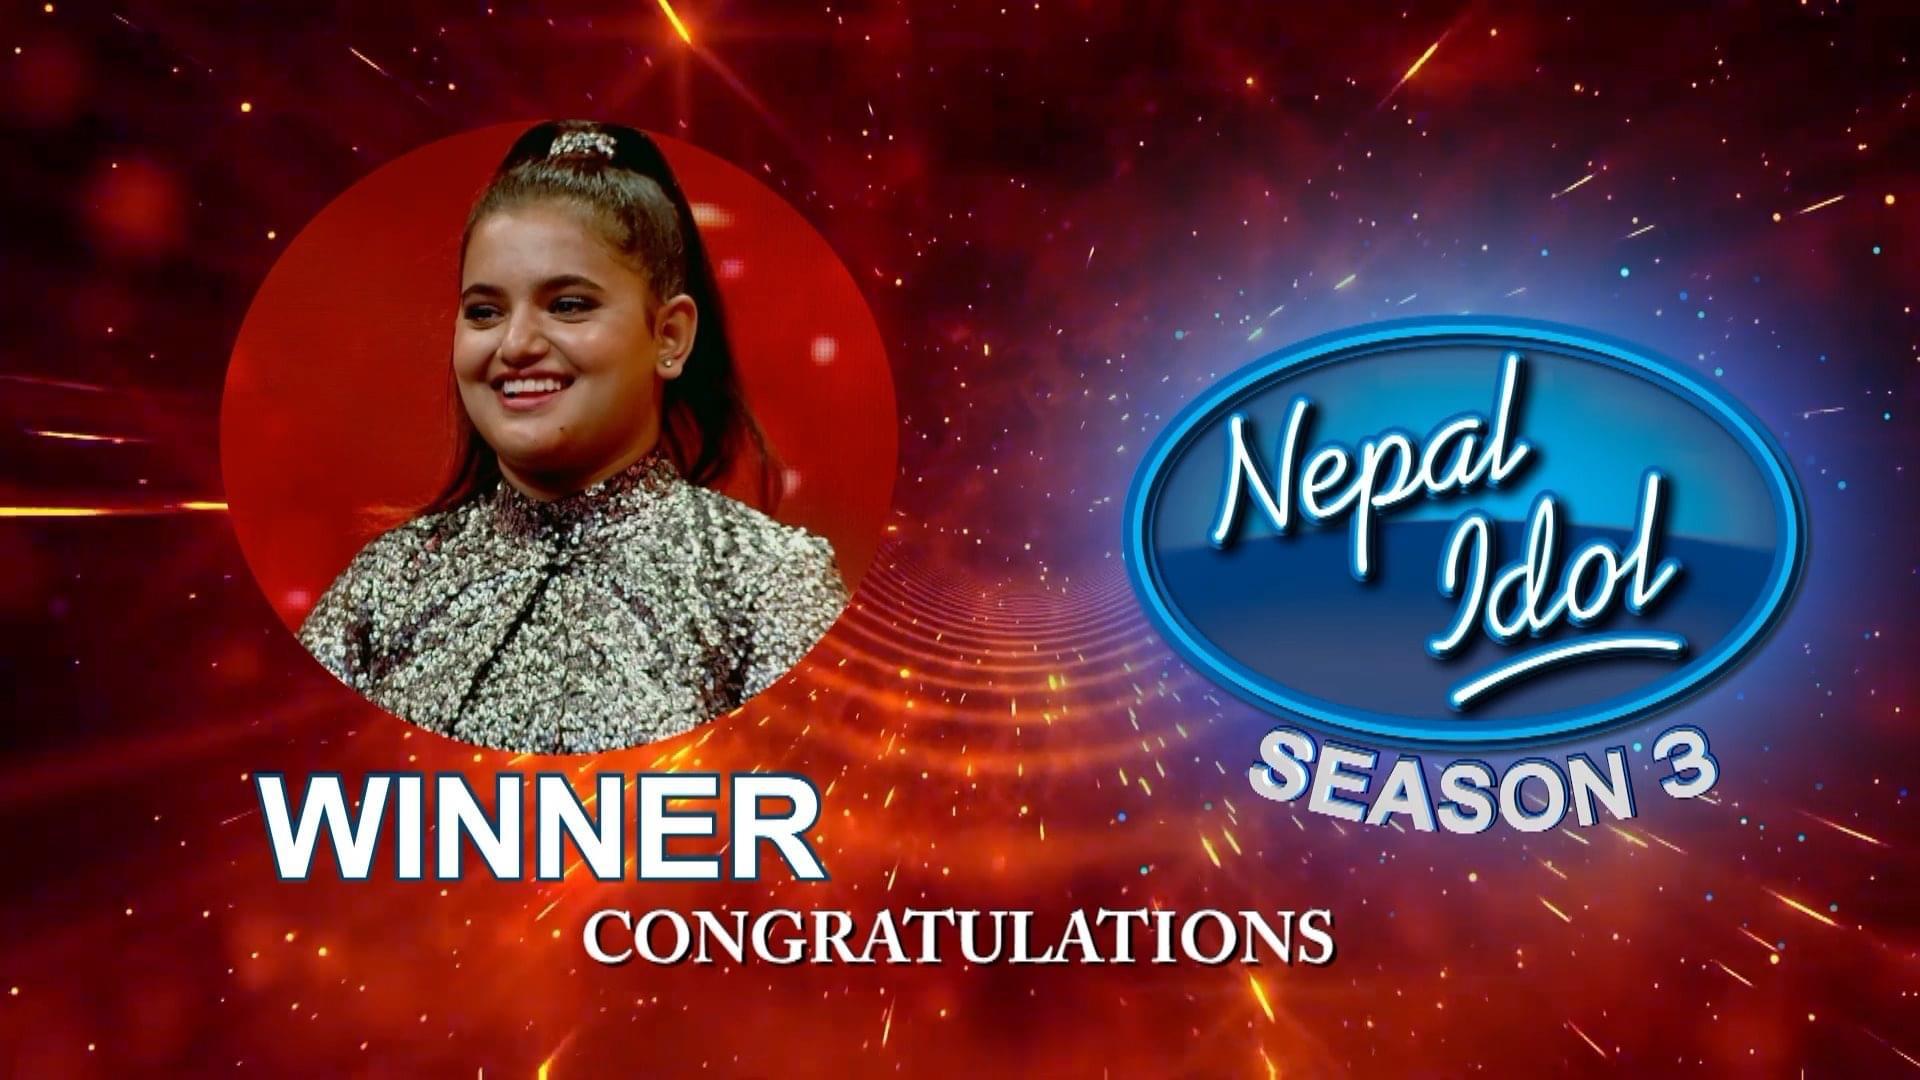 नेपाल आईडल सिजन-३ को विजेता बनिन् सज्जा